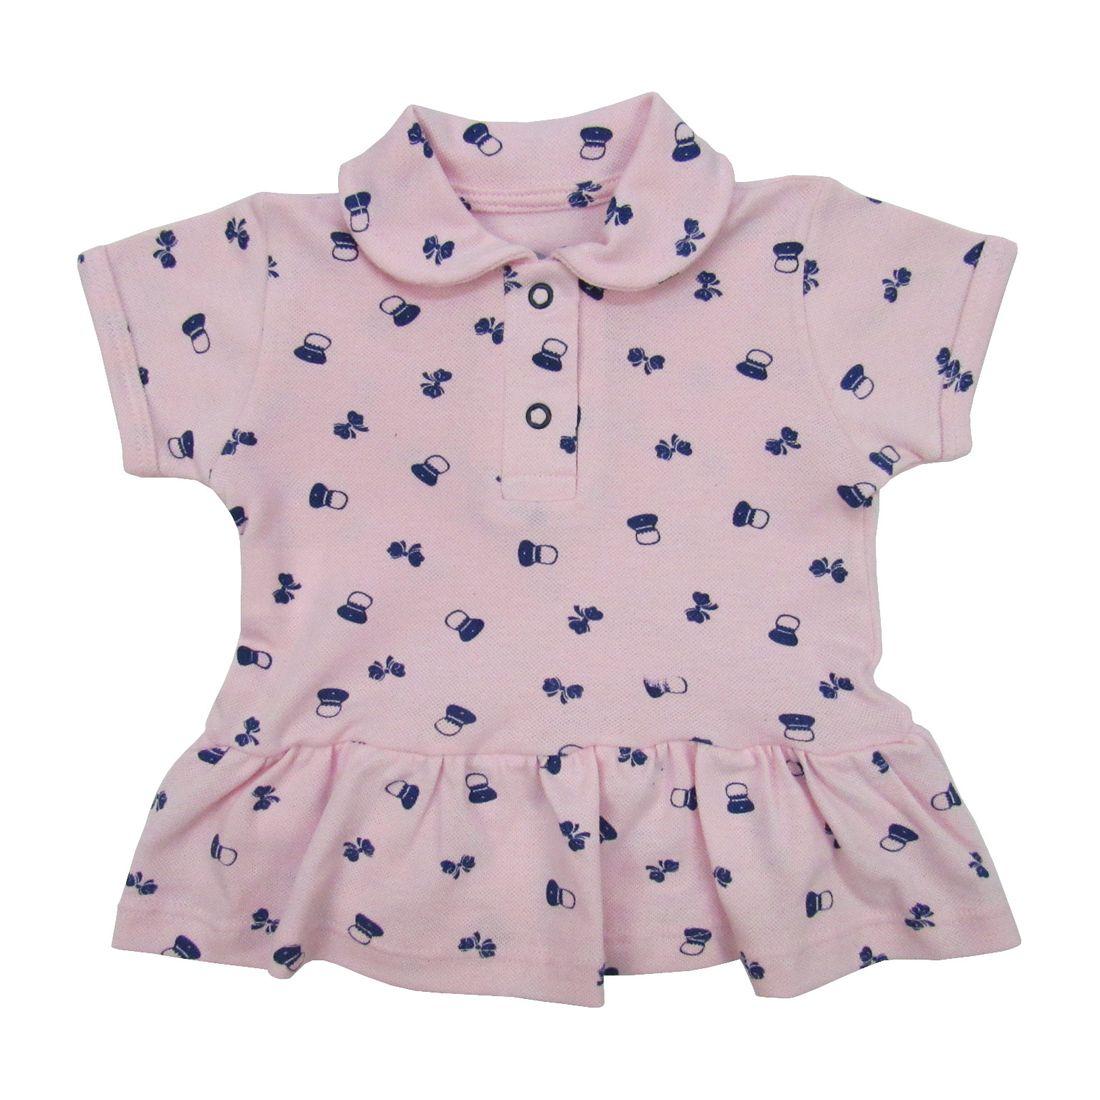 71108841f Body Vestido Bebê Manga Curta Rosa em Malha Piquet - poetique